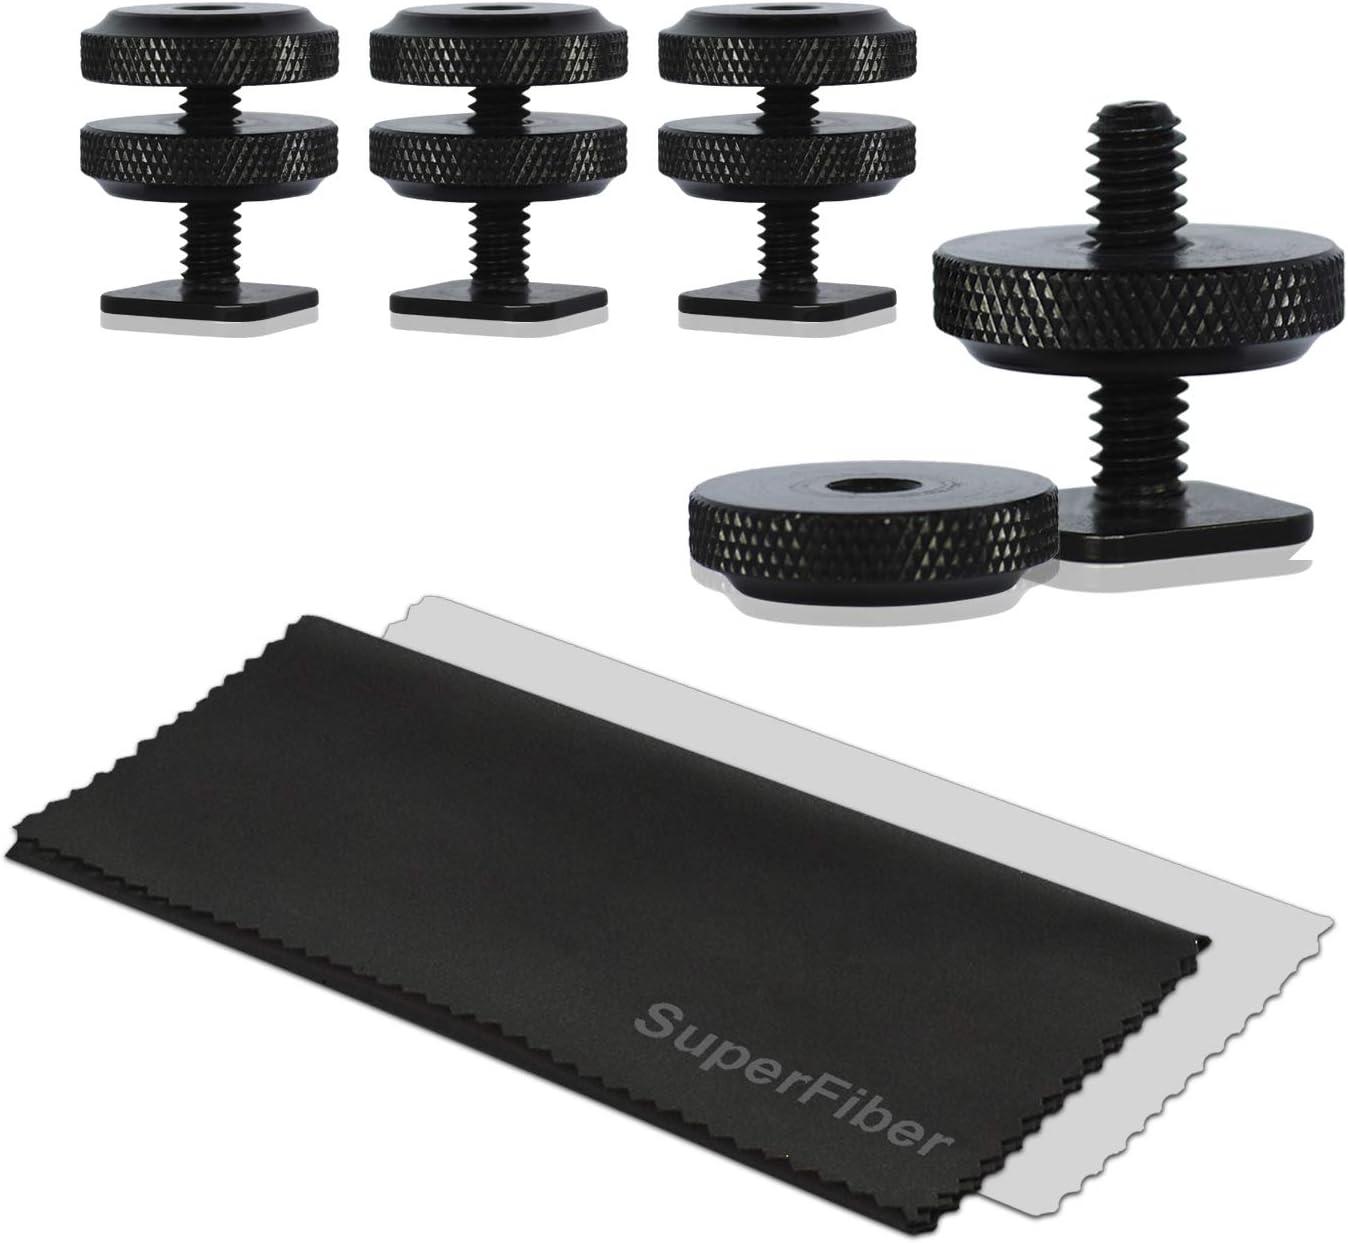 LimoStudio 4 pcs Mini Brand Cheap Sale Venue Black Double Screw M Under blast sales Hot 4